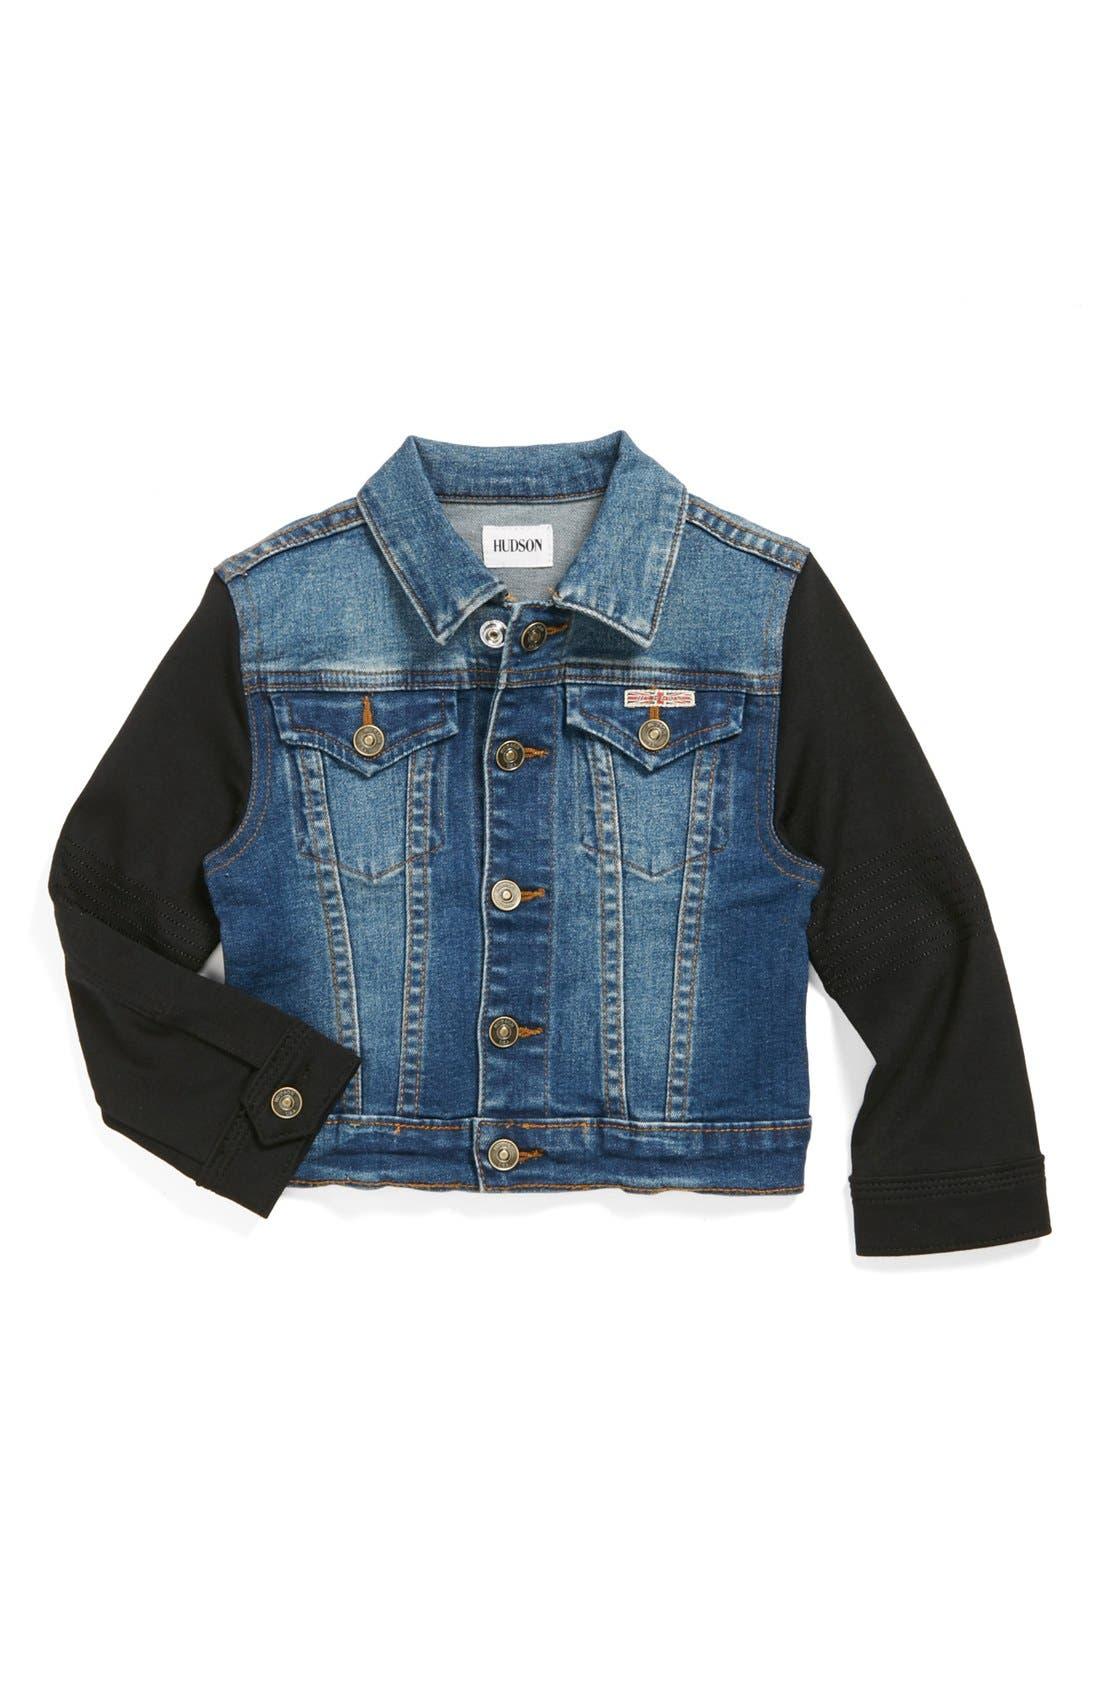 Main Image - Hudson Kids Denim Jacket (Toddler Girls)